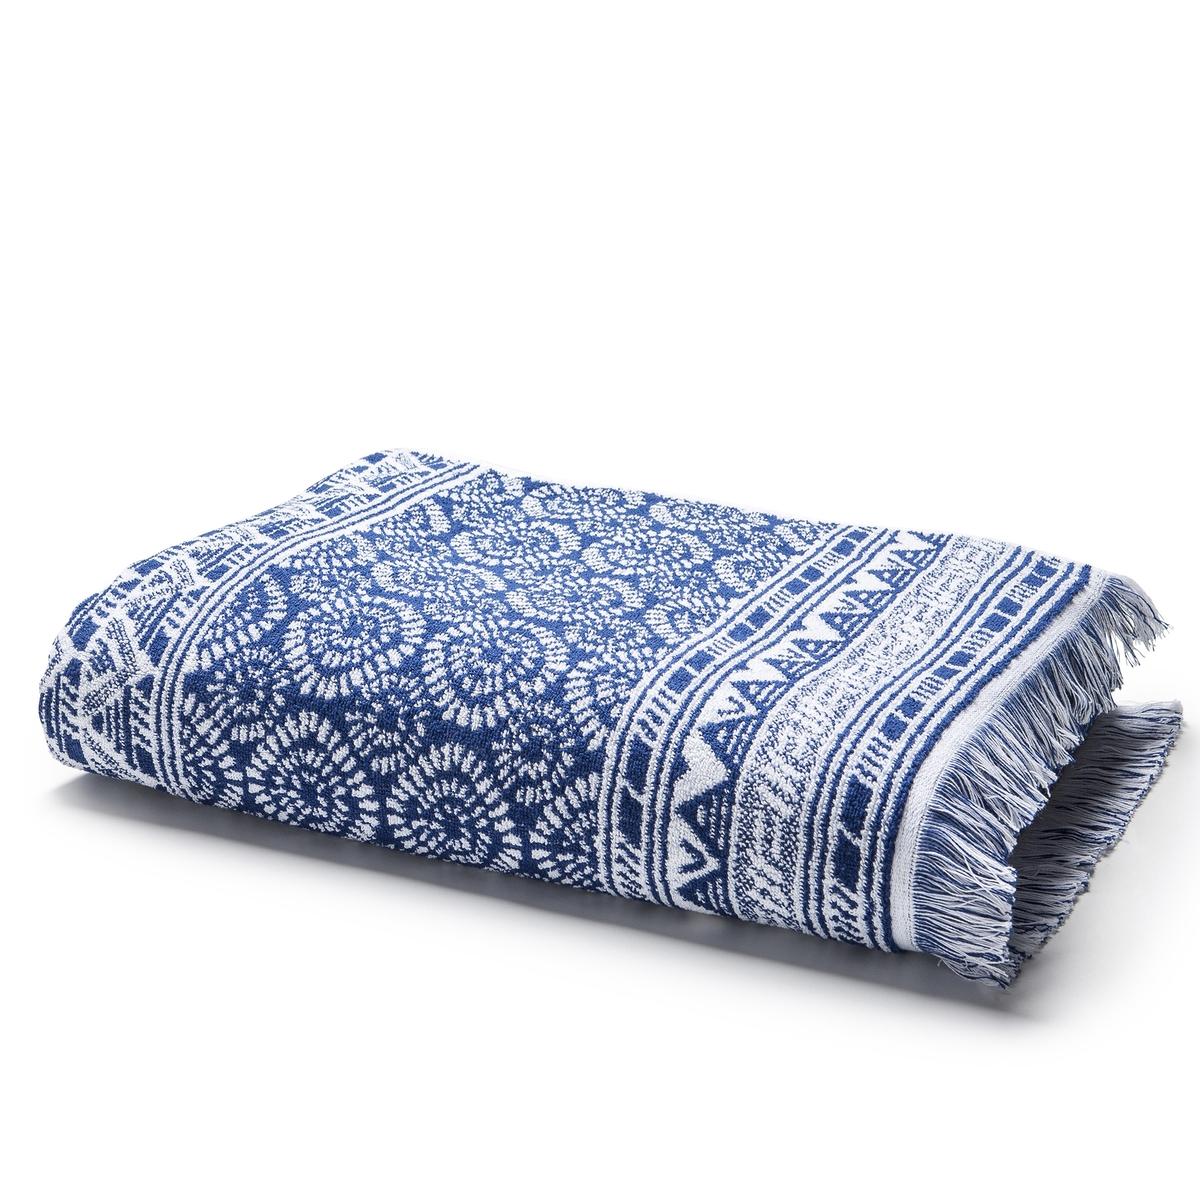 Банное махровое полотенце с жаккардом 500 г/м²  AZUL